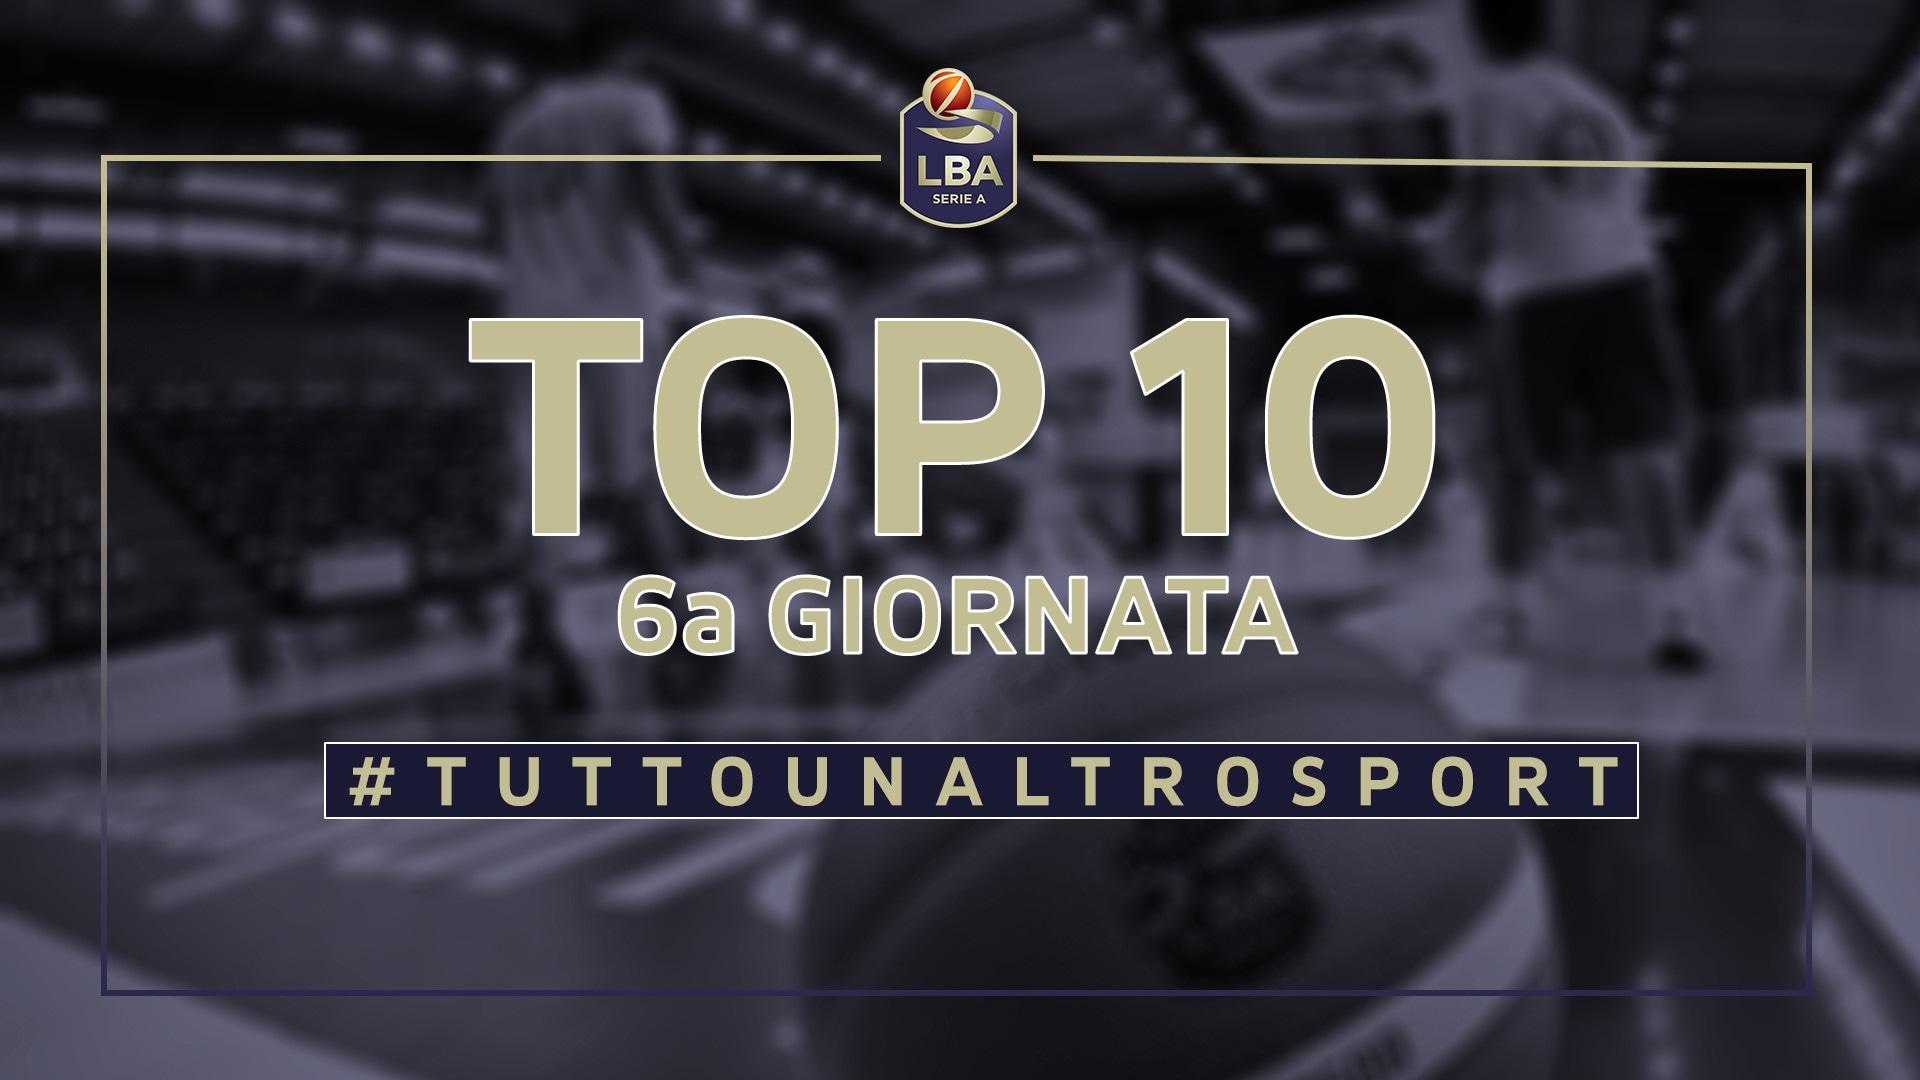 La Top Ten della 6a giornata del campionato LBA di basket